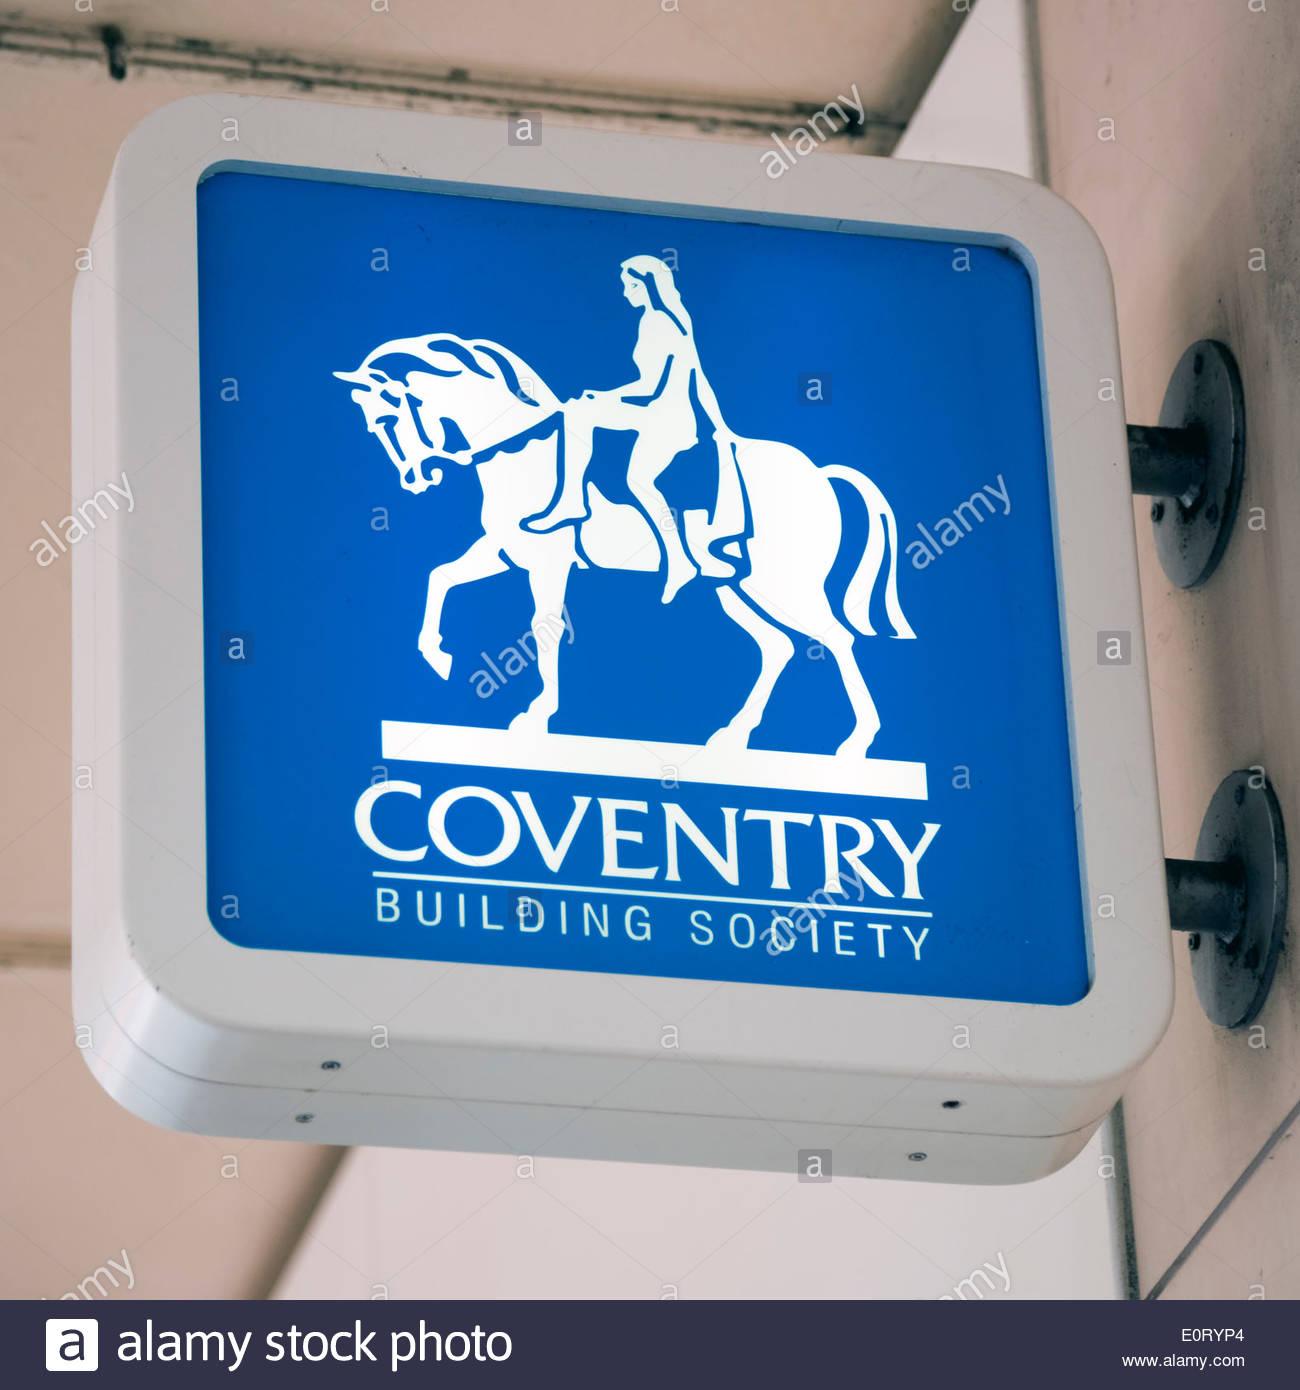 Coventry Building Society Zeichen im Stadtzentrum von Birmingham, UK. Stockbild